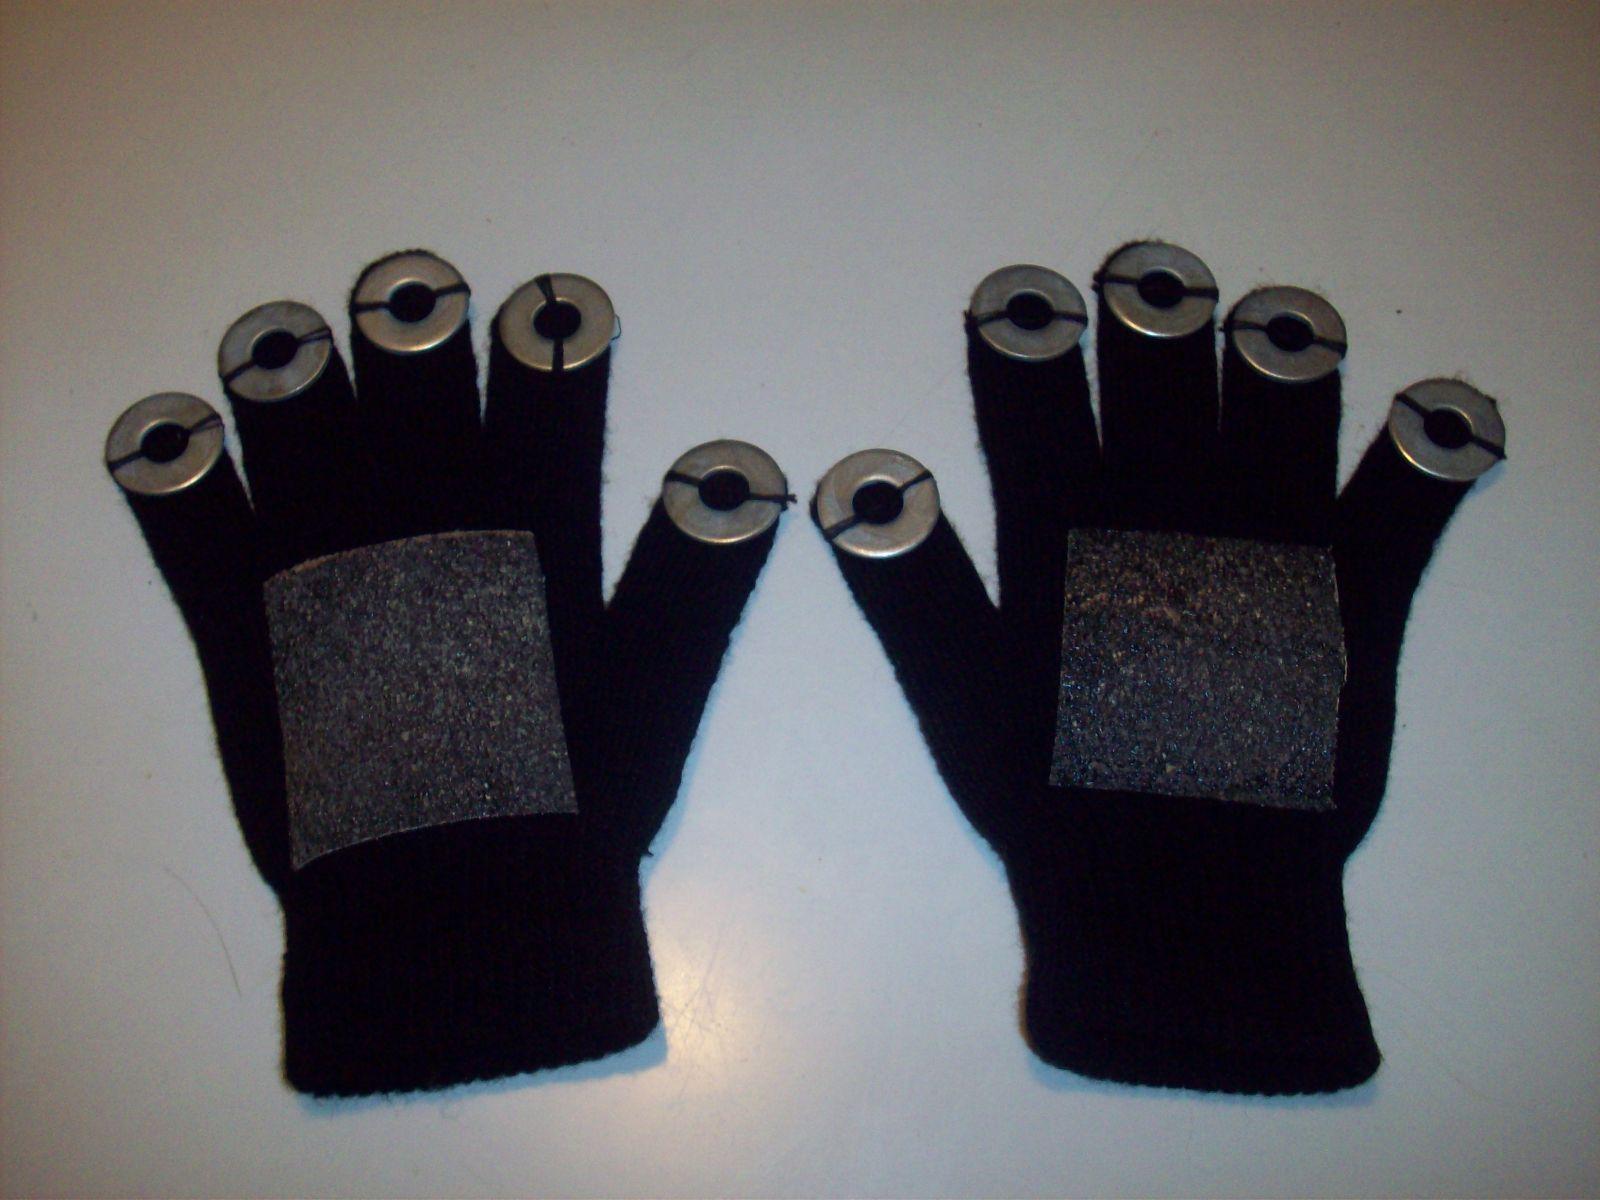 GUANTES PARA HACER SONIDO   Cotidiafonos musicales  Materiales:  - un par de guantes  - 10 arandelas chiquitas, masomenos del tamaño de las llemas de los dedos  - dos pedacitos de lija  - hilo y aguja  - pegamento no tóxico   Cómo hacerlos?  Cosé las arandelas a cada dedo.  Pegá los pedacitos de lija en donde sería la palma de la mano. (Cuidado que el pegamento no te traspase al otro lado del guante, te recomiendo poner un papel dentro para que no pase!)